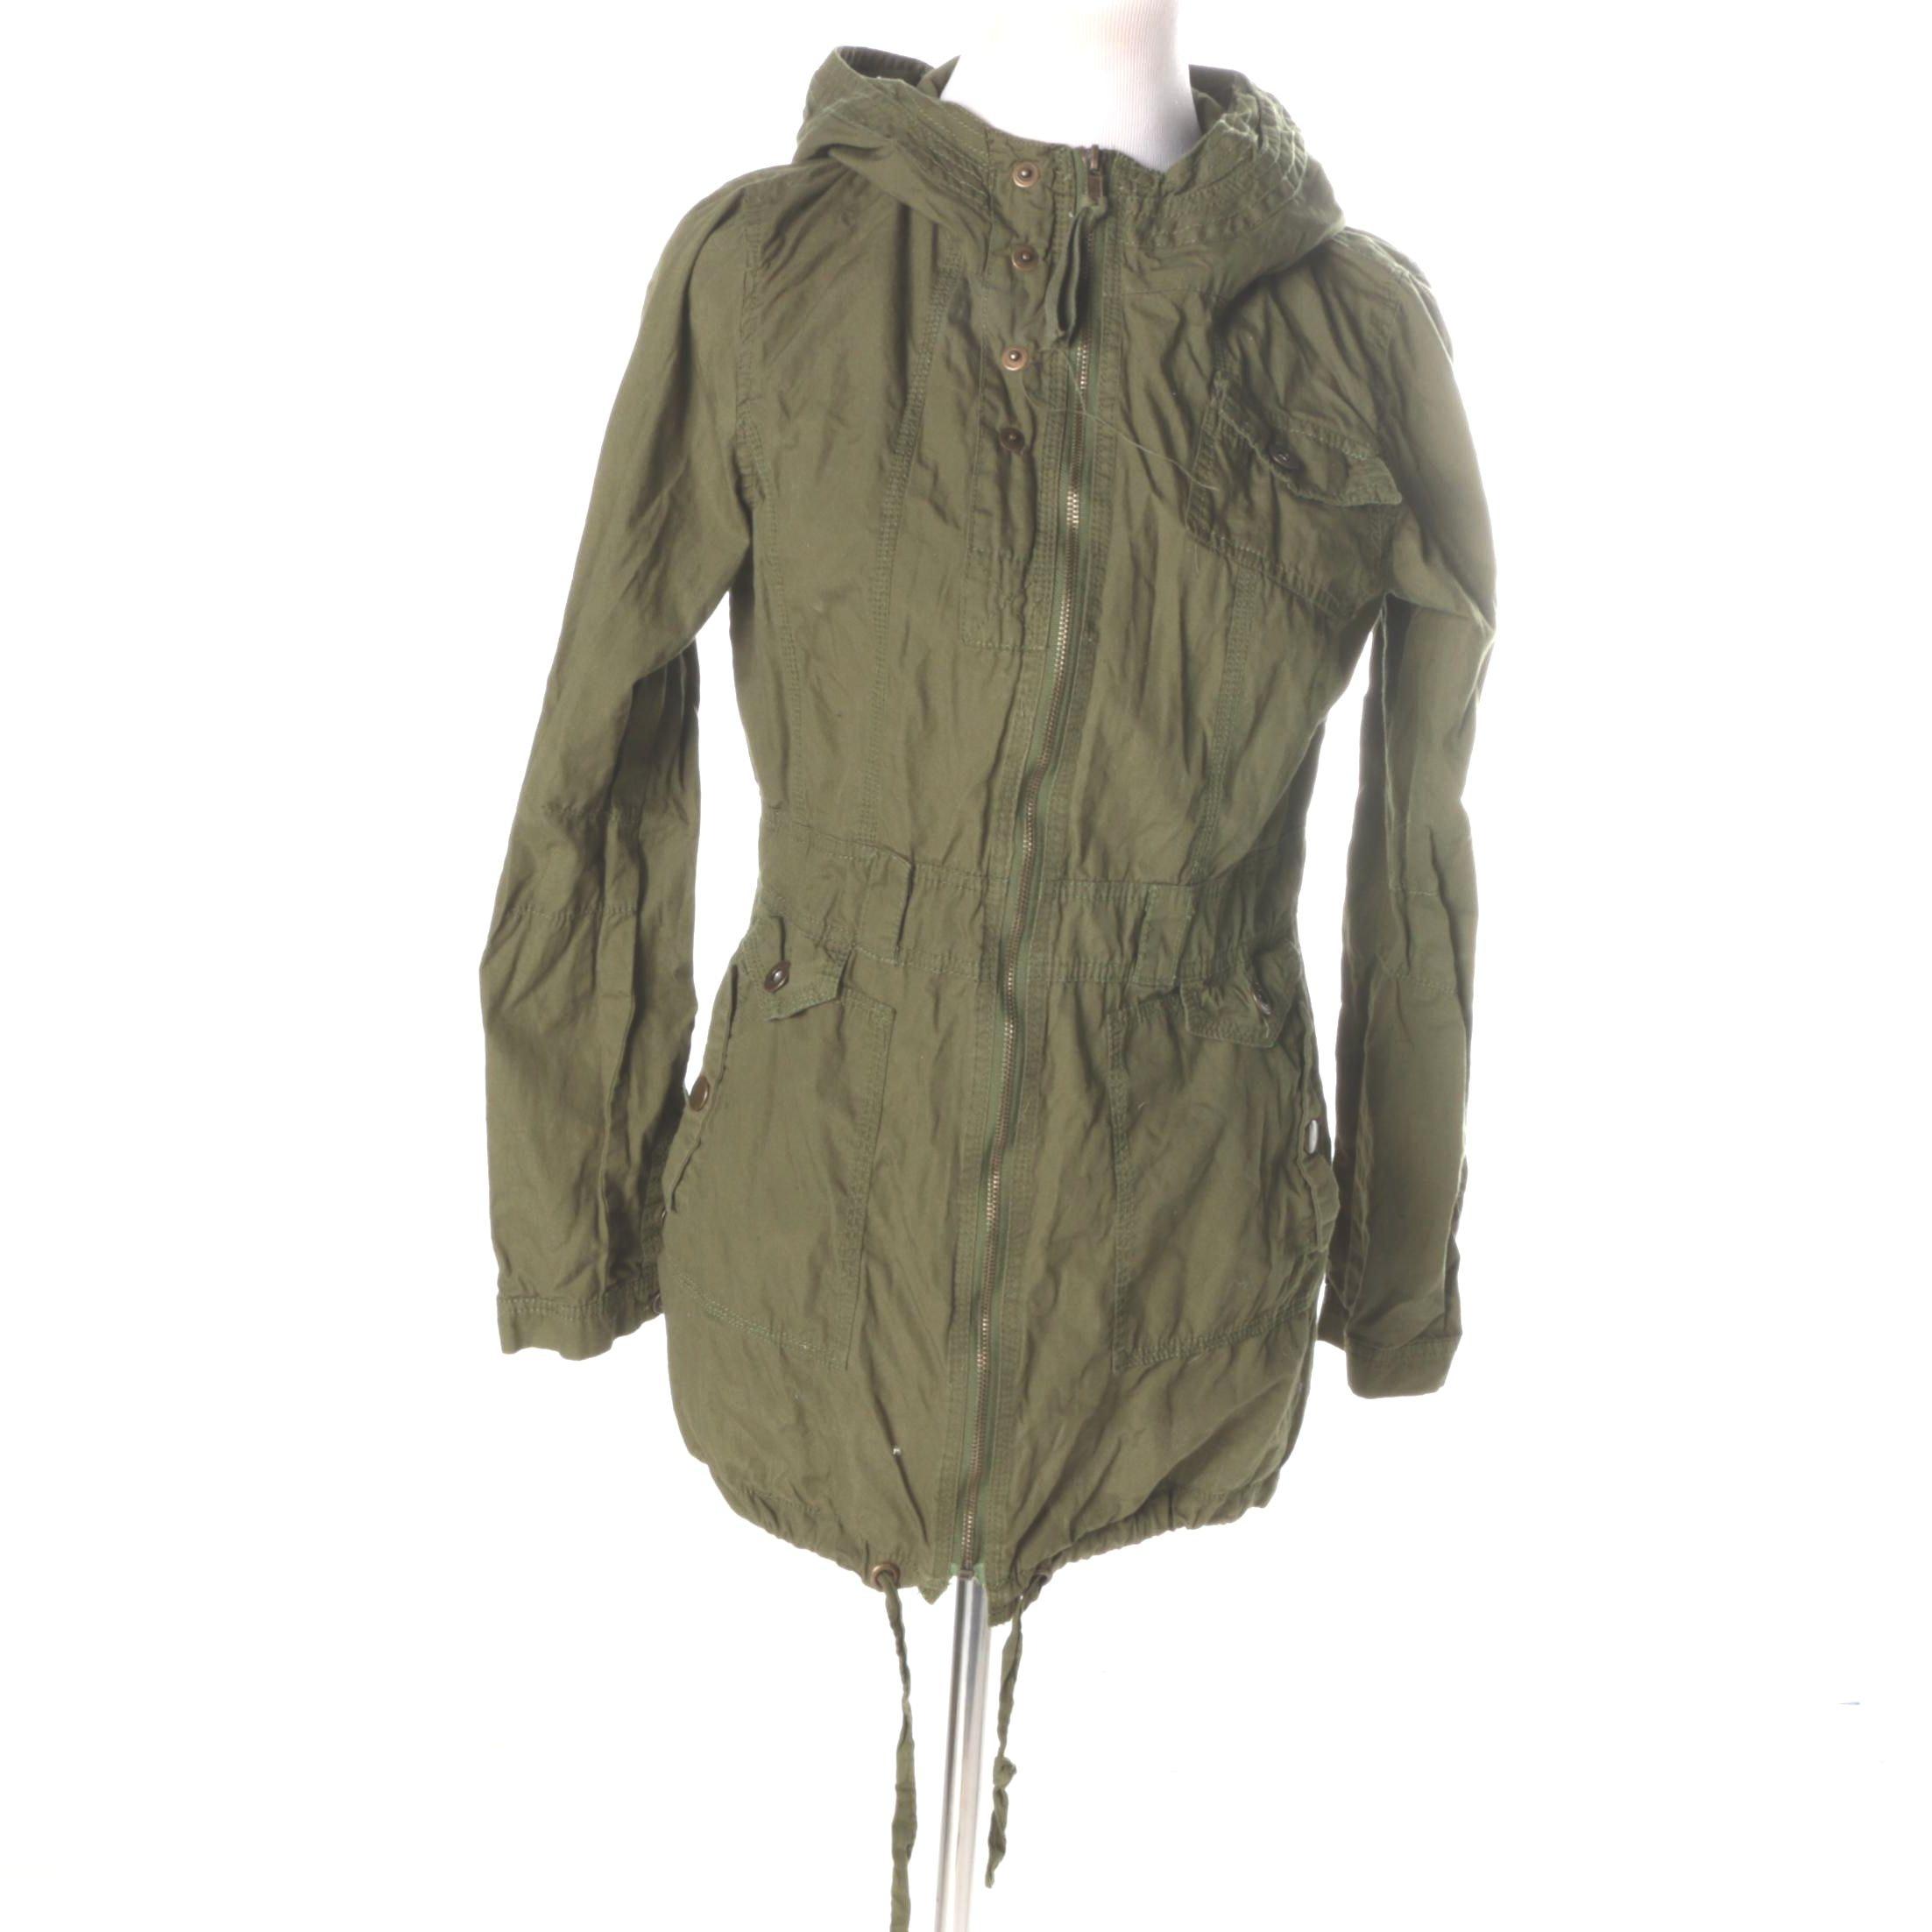 Green Women's Hooded Zip Up Jacket